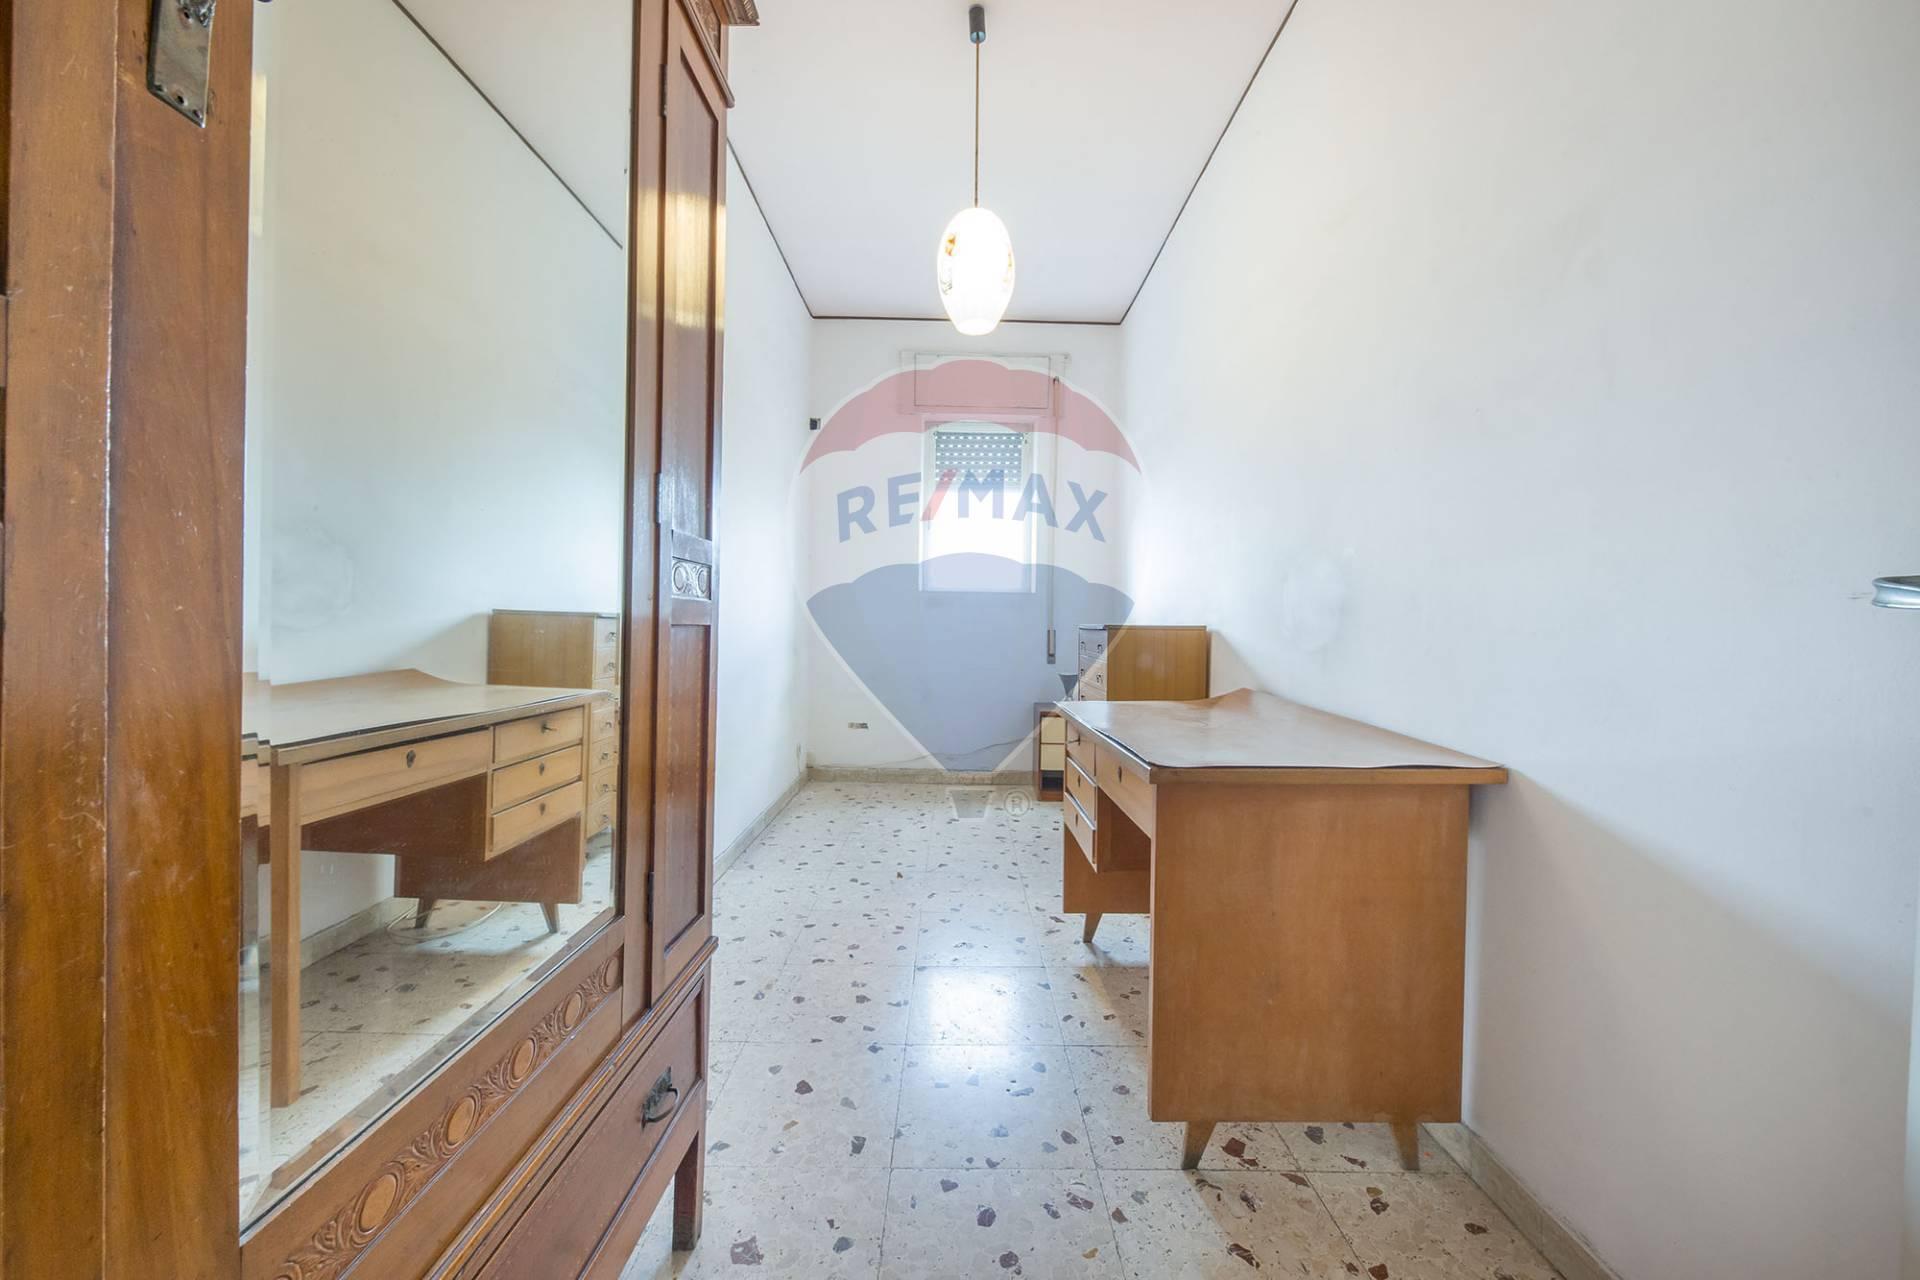 Appartamento CATANIA vendita  Catania-ognina,picanello,ulisse  RE/MAX City Home